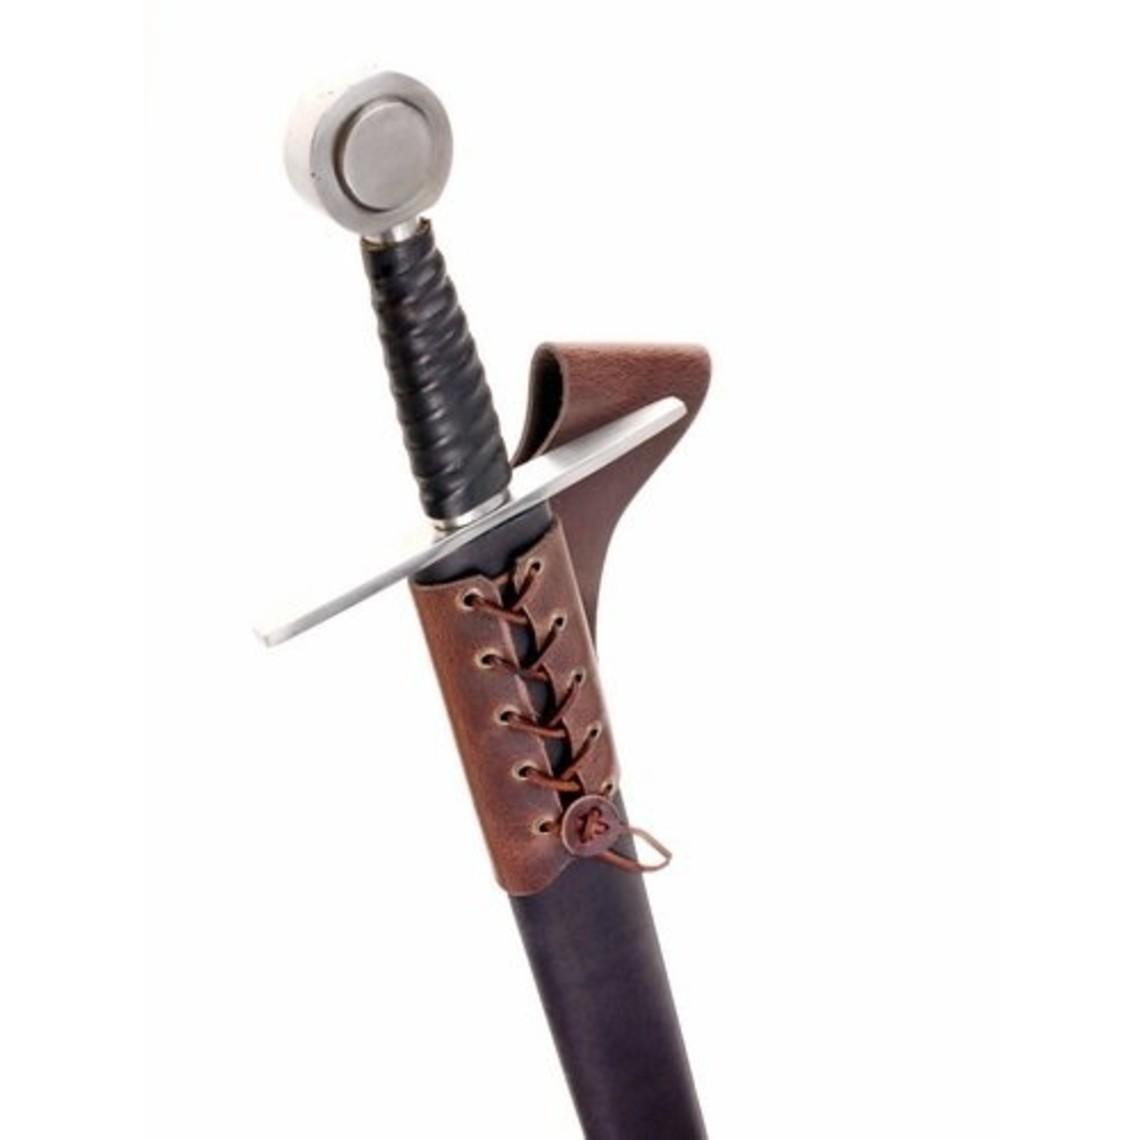 titular de la espada de cuero con cordones, marrón